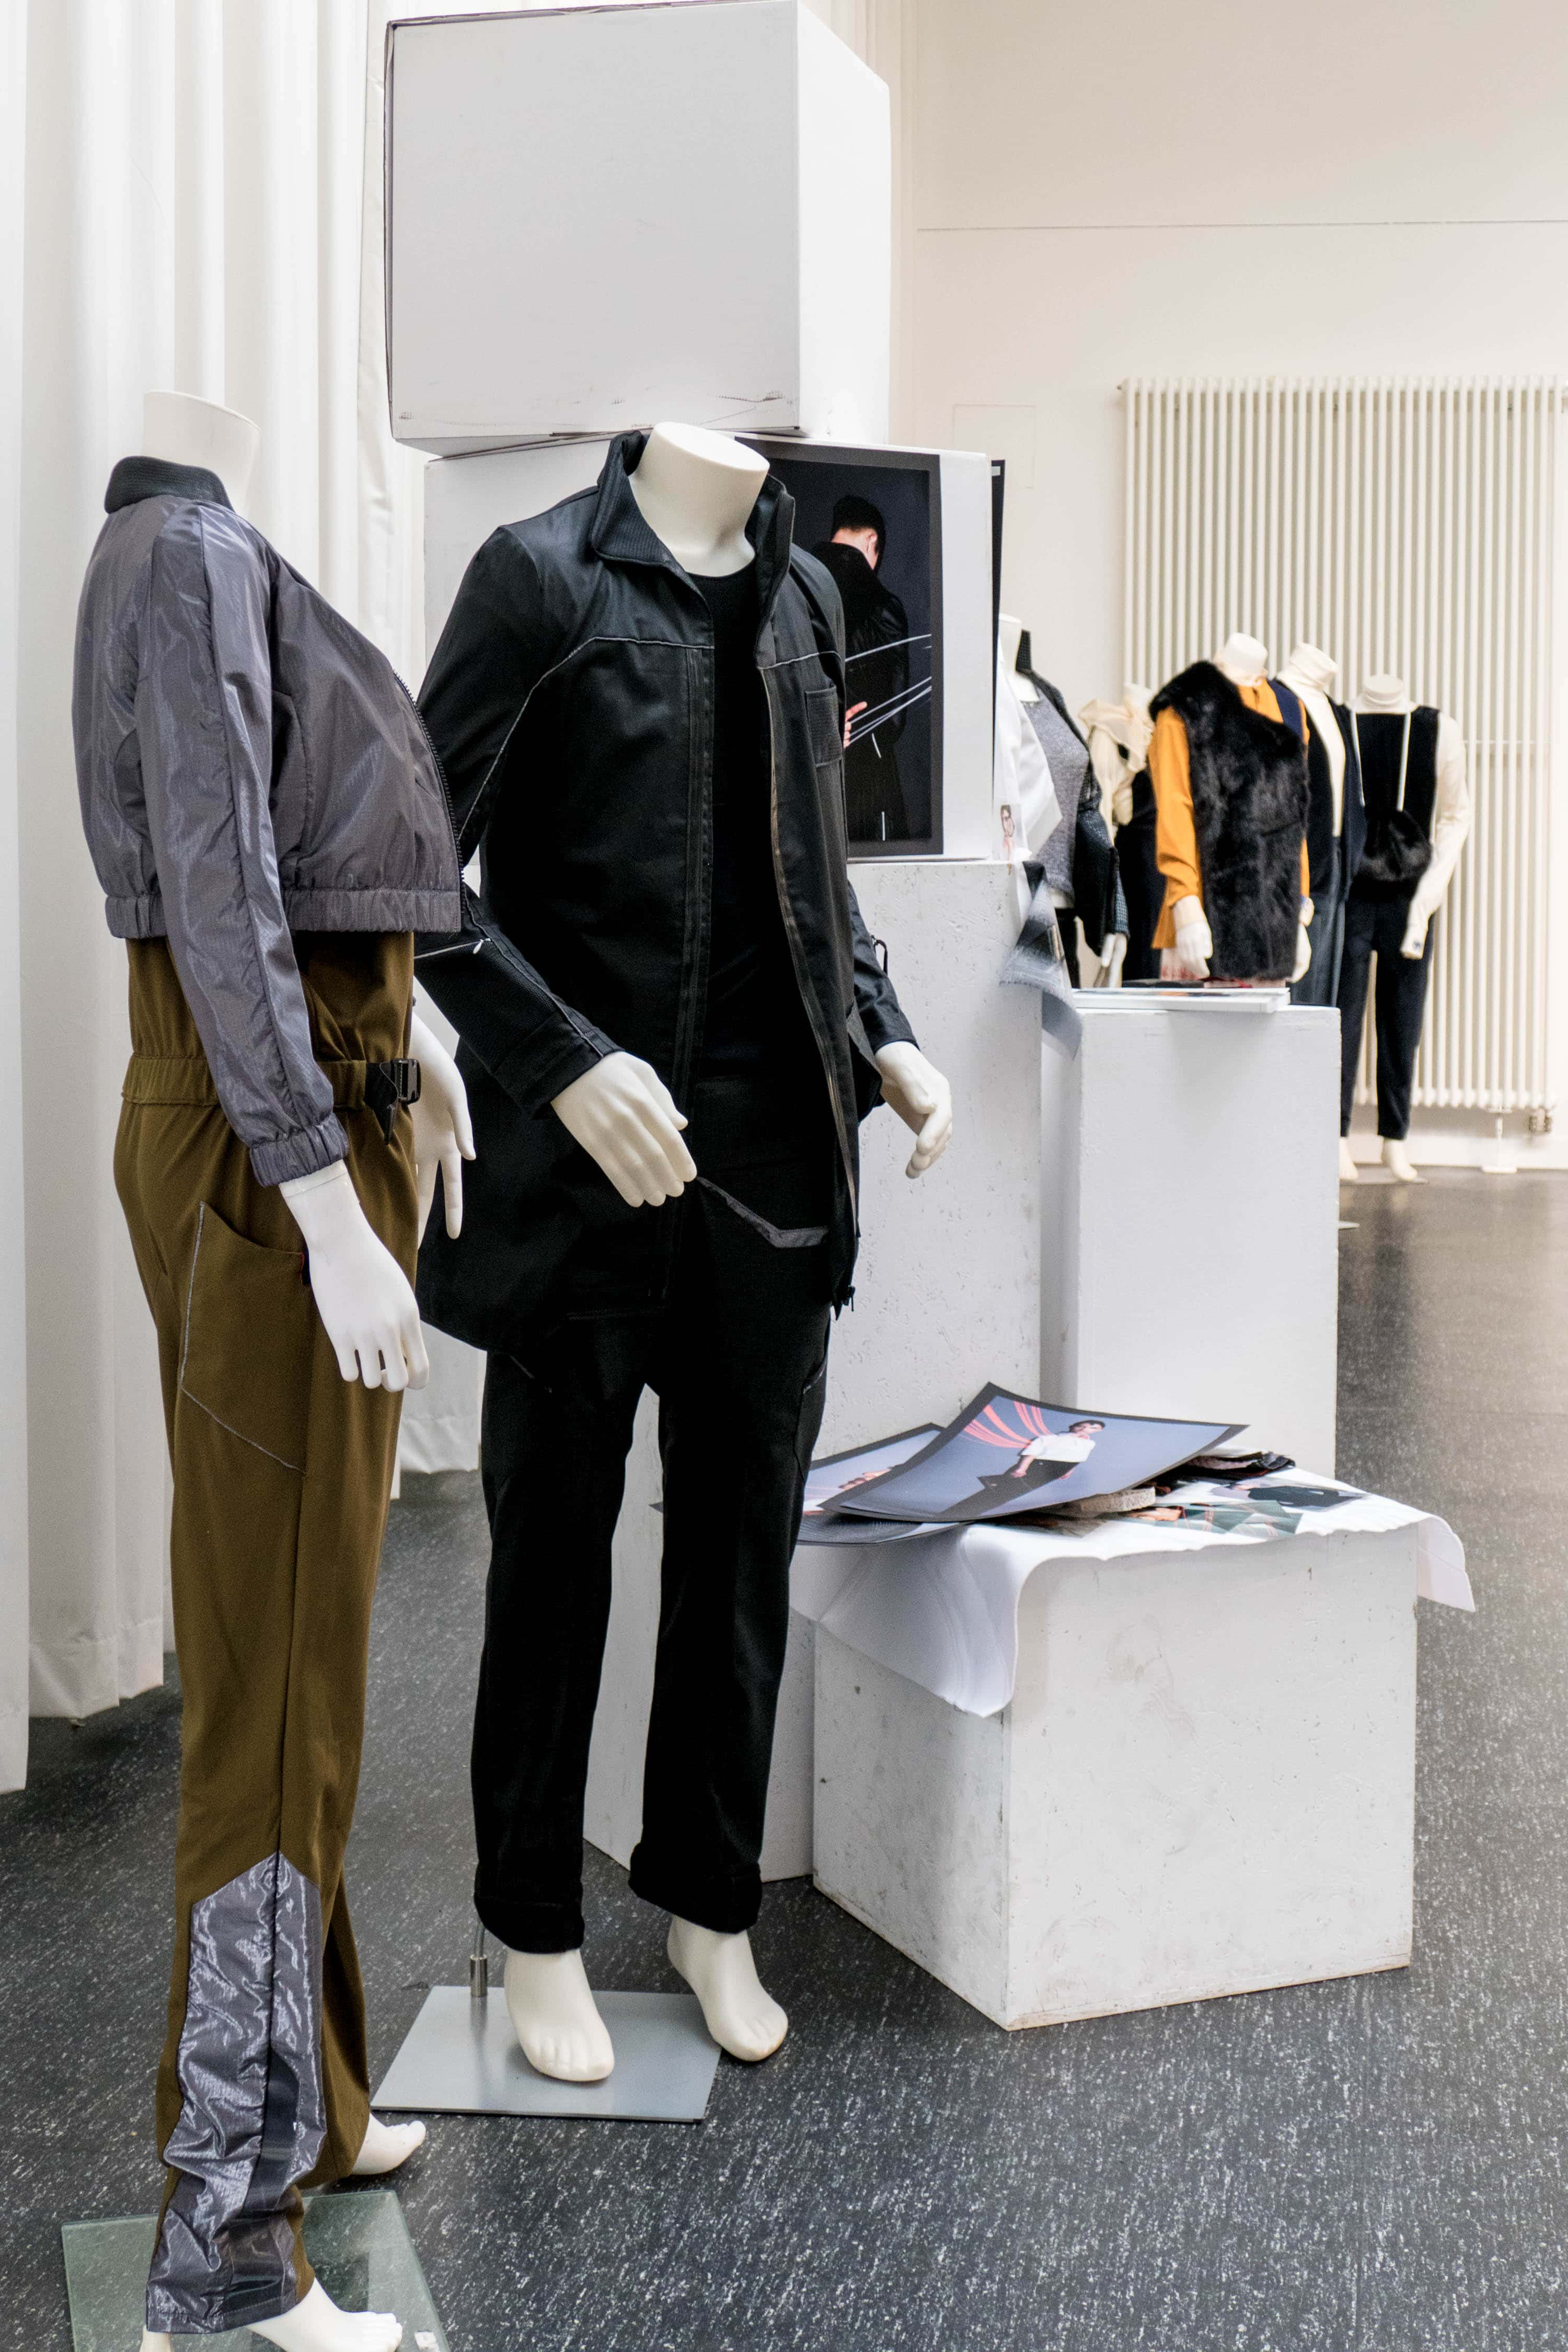 HTWWerkschau2016_Bekleidungstechnik_Modedesign_35